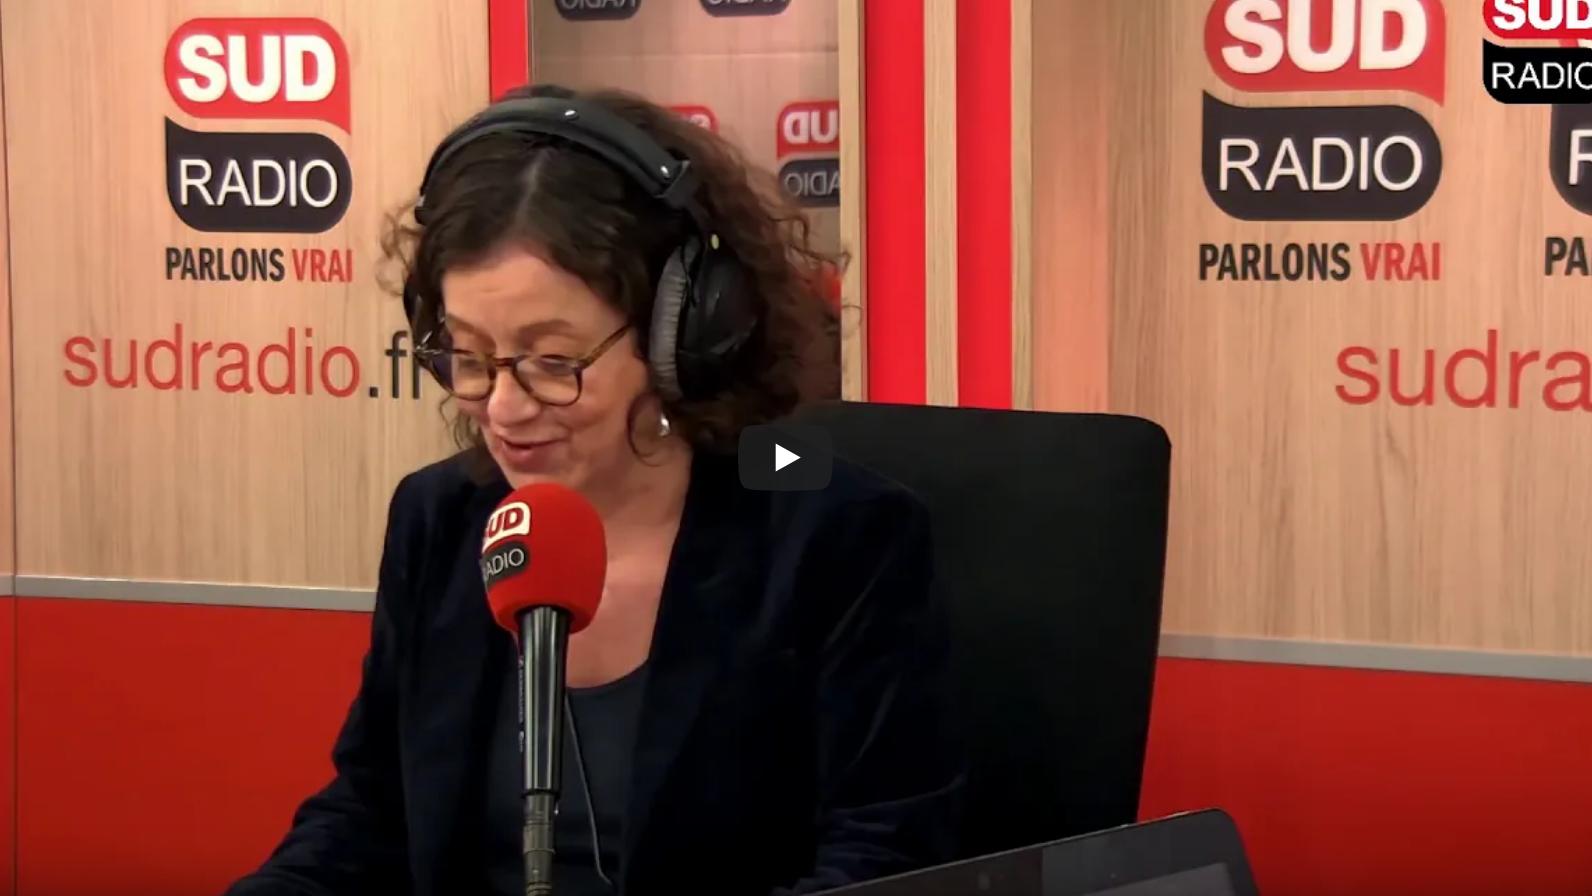 Élisabeth Lévy corrige Sibeth Ndiaye suite à ses justifications bidons sur la réforme des retraites (VIDÉO)